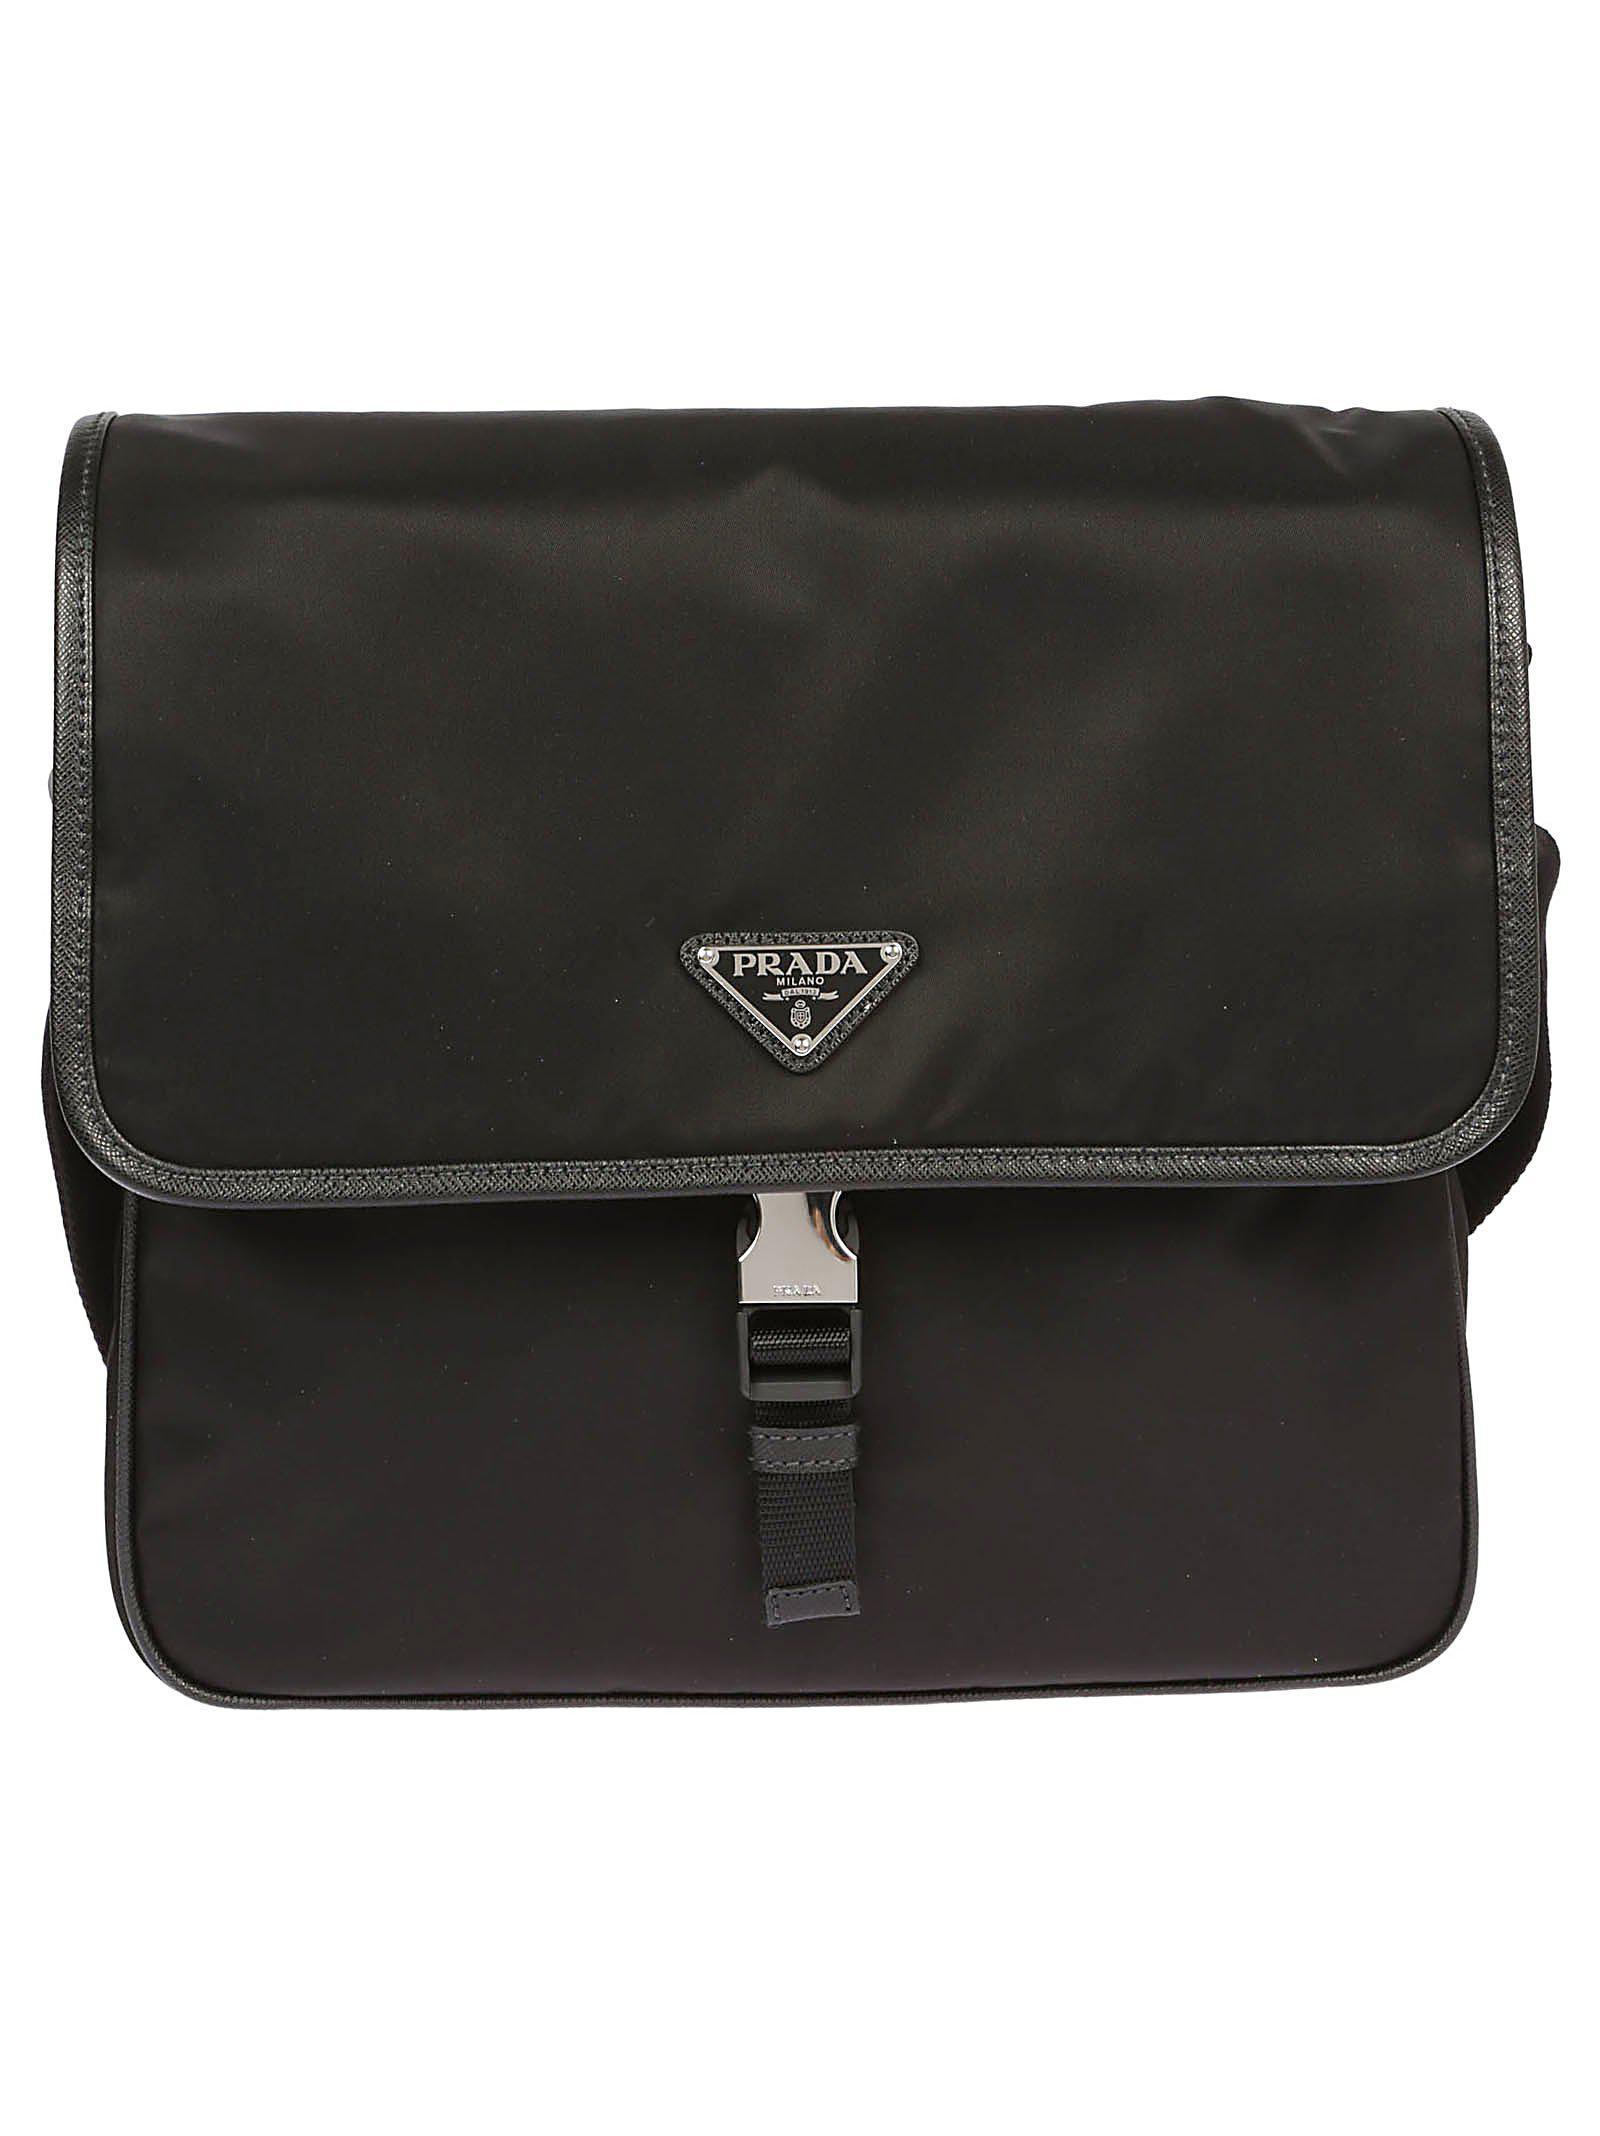 abb337a7c2b8 Prada Vela Messenger Bag in Black for Men - Lyst